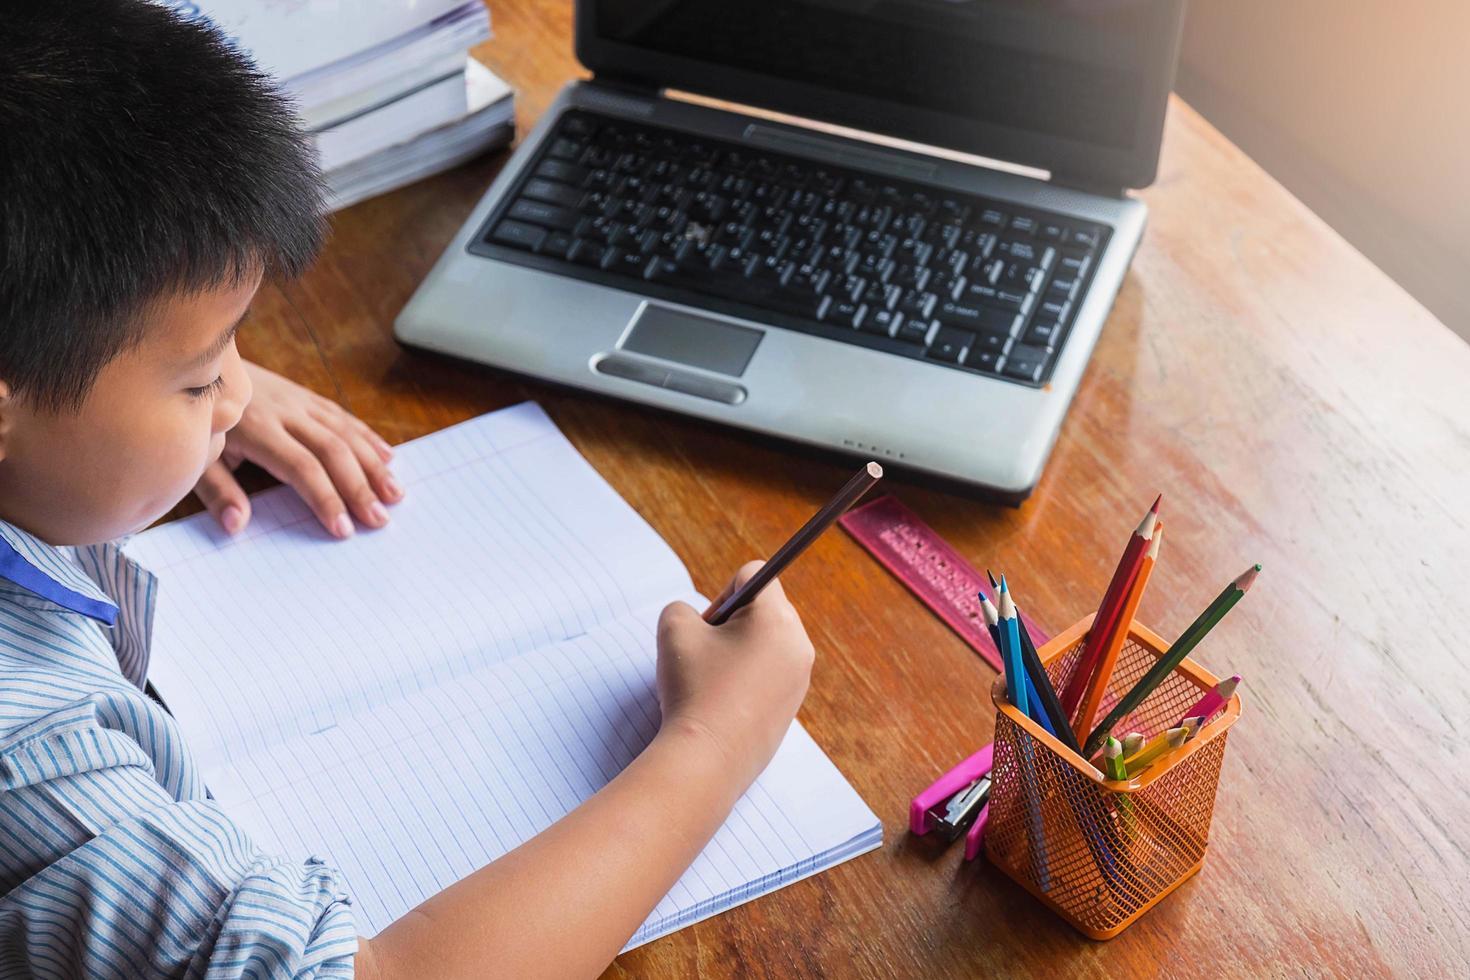 pojke gör läxor med anteckningsboken, bärbar dator, häftapparat och en kopp pennor på ett träskrivbord foto